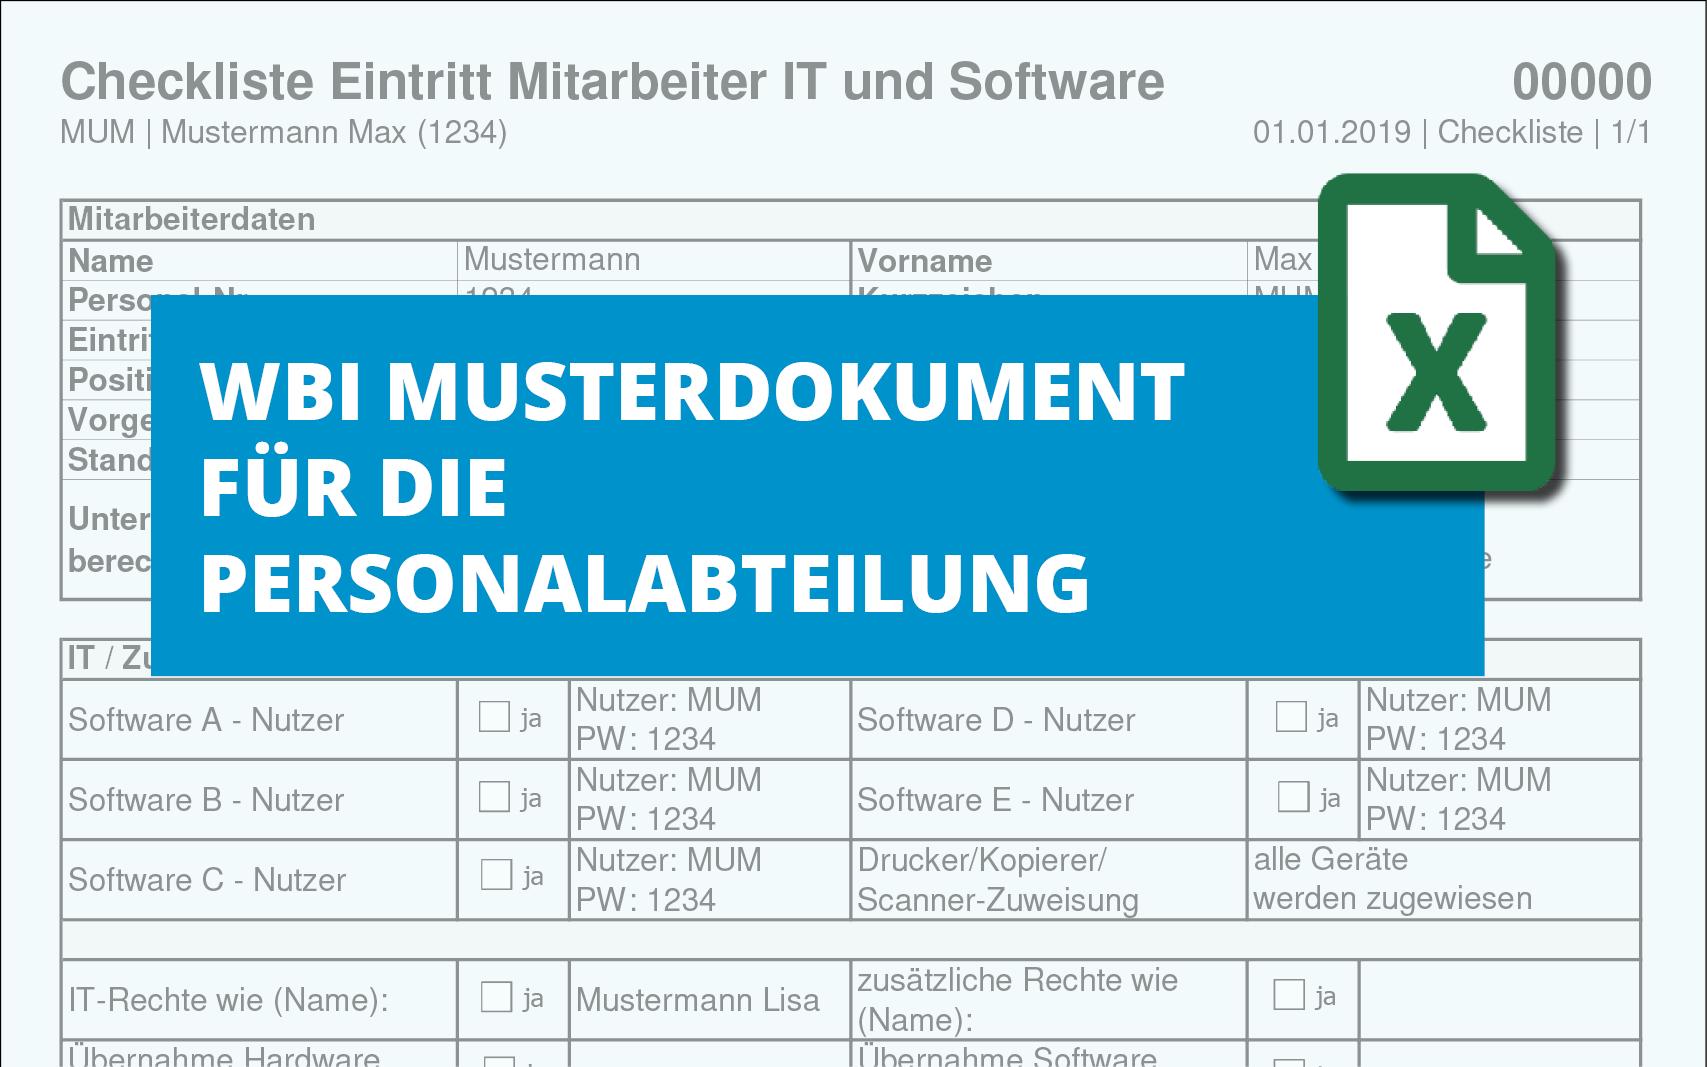 checkliste-eintritt-mitarbeiter-it-und-software